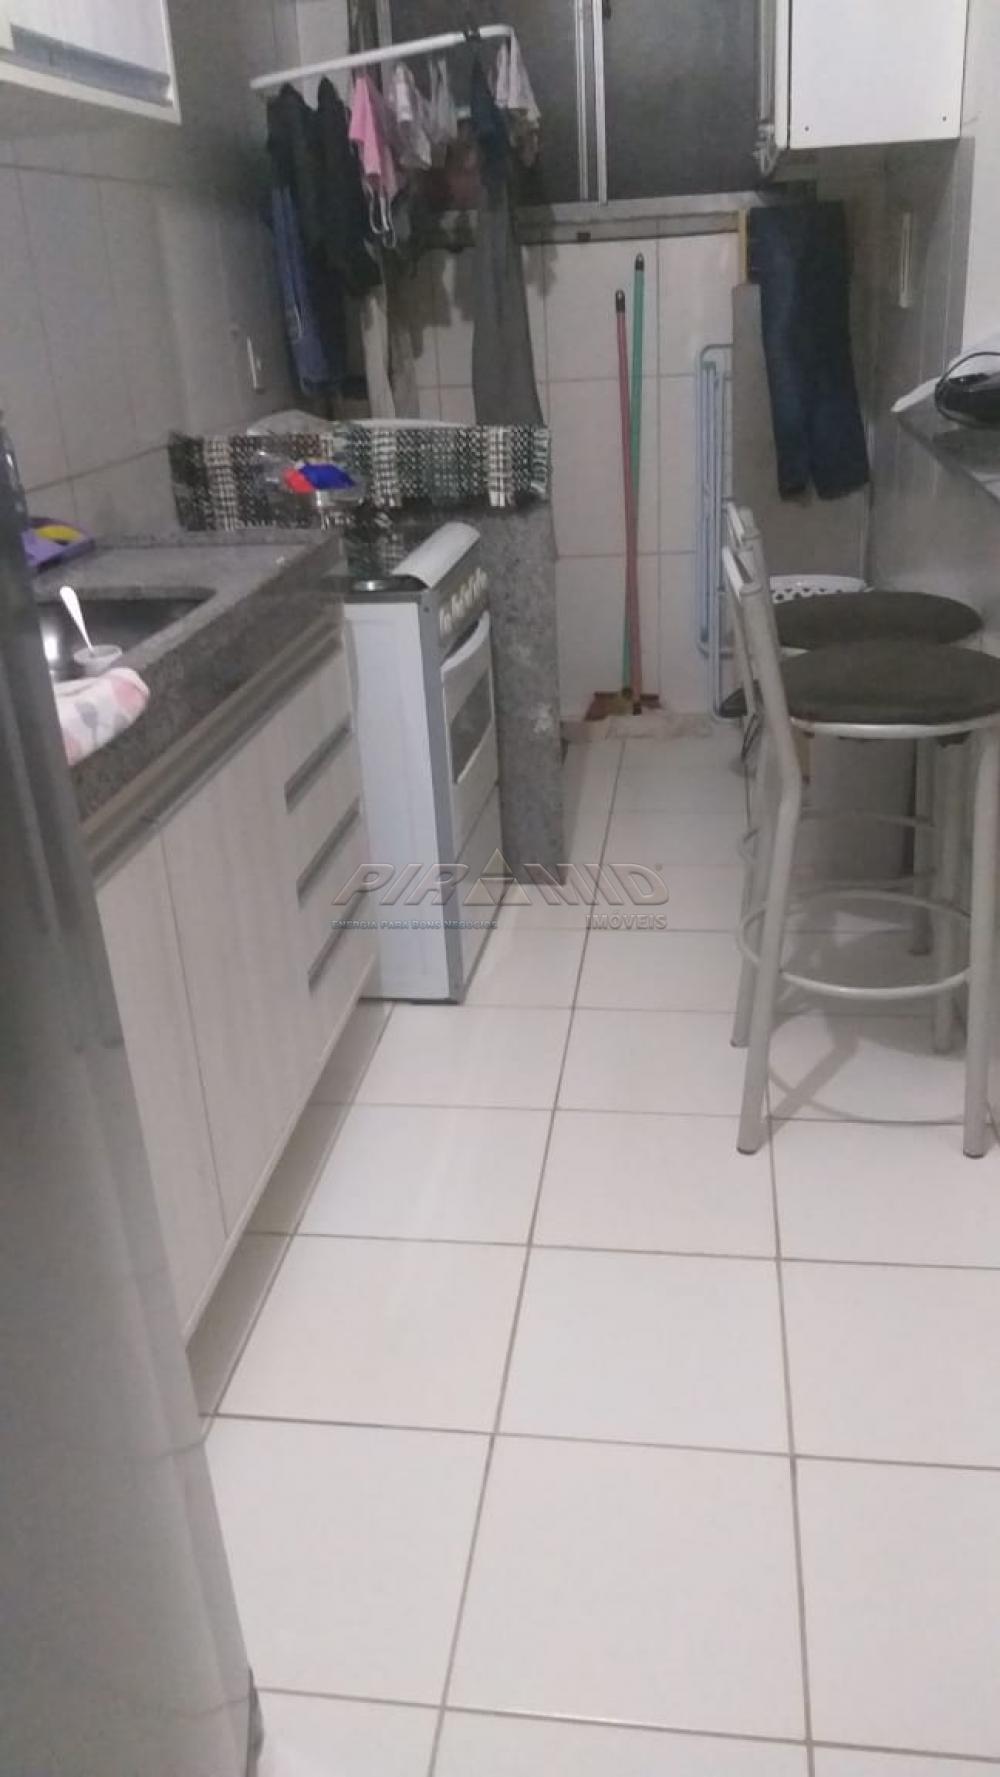 Comprar Apartamento / Padrão em Ribeirão Preto apenas R$ 170.000,00 - Foto 6